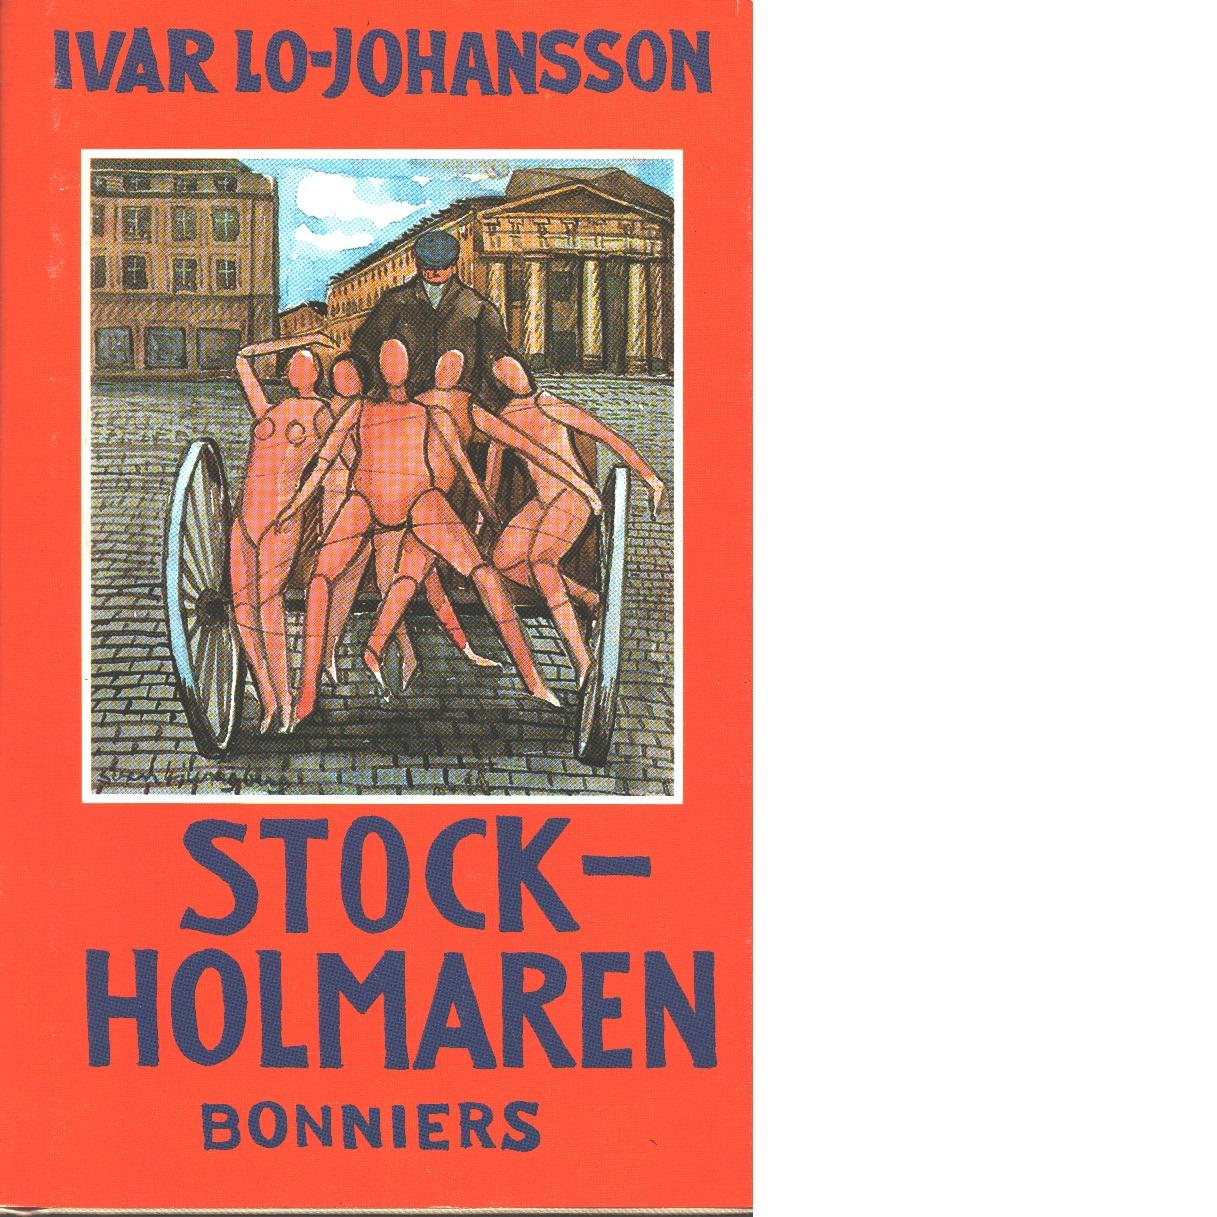 Stockholmaren : självbiografisk berättelse - Lo-Johansson, Ivar